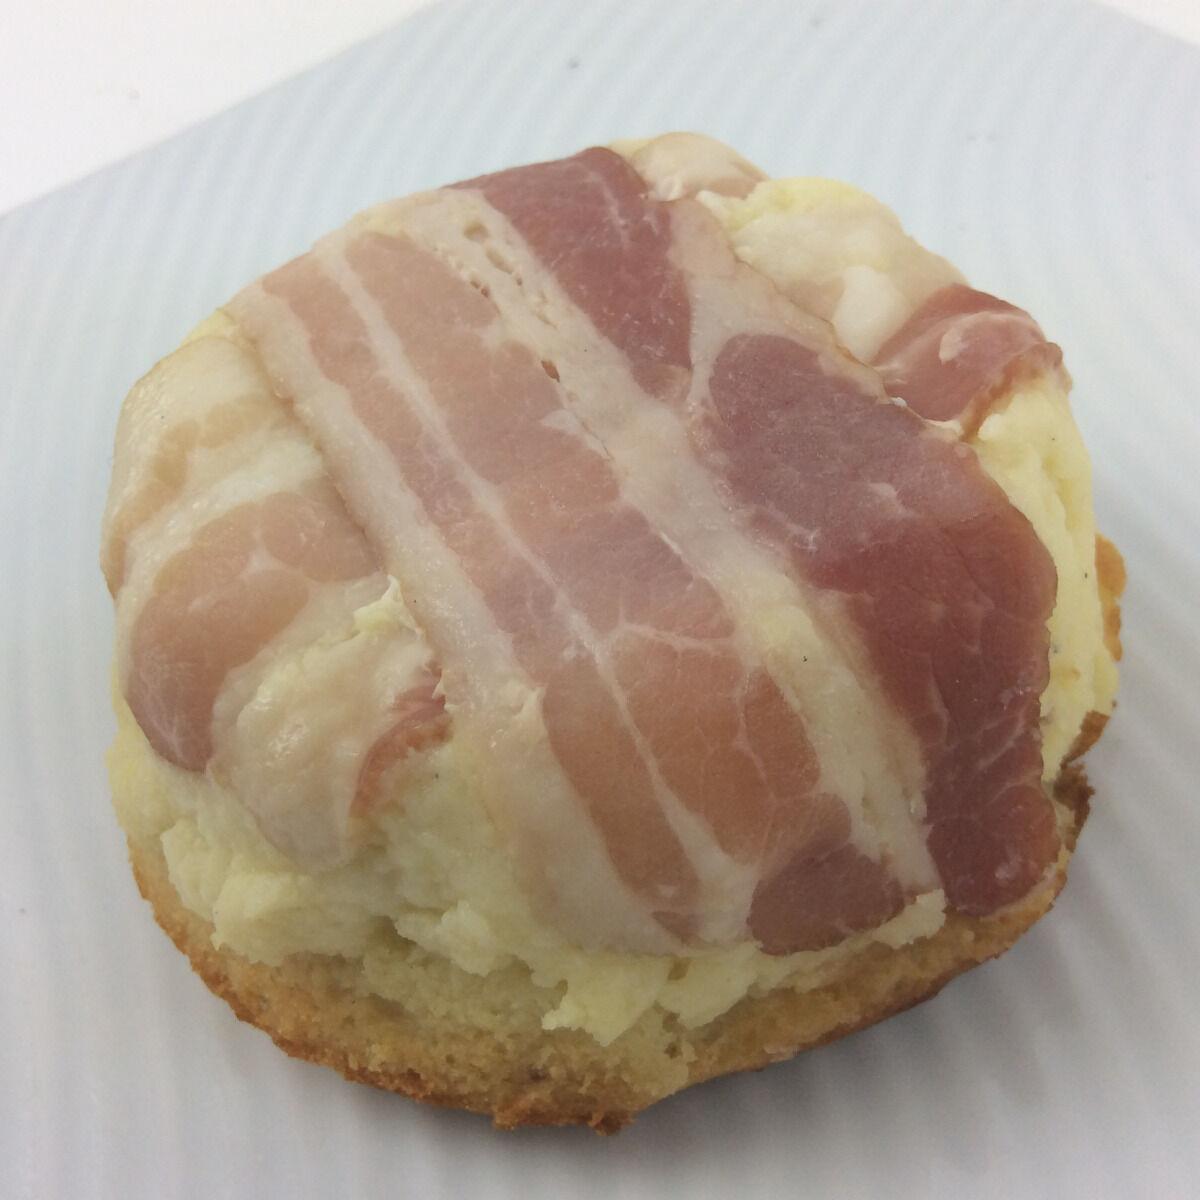 Christian Piot - Votre chef en ligne Muffin lardé de choucroute façon Brienne